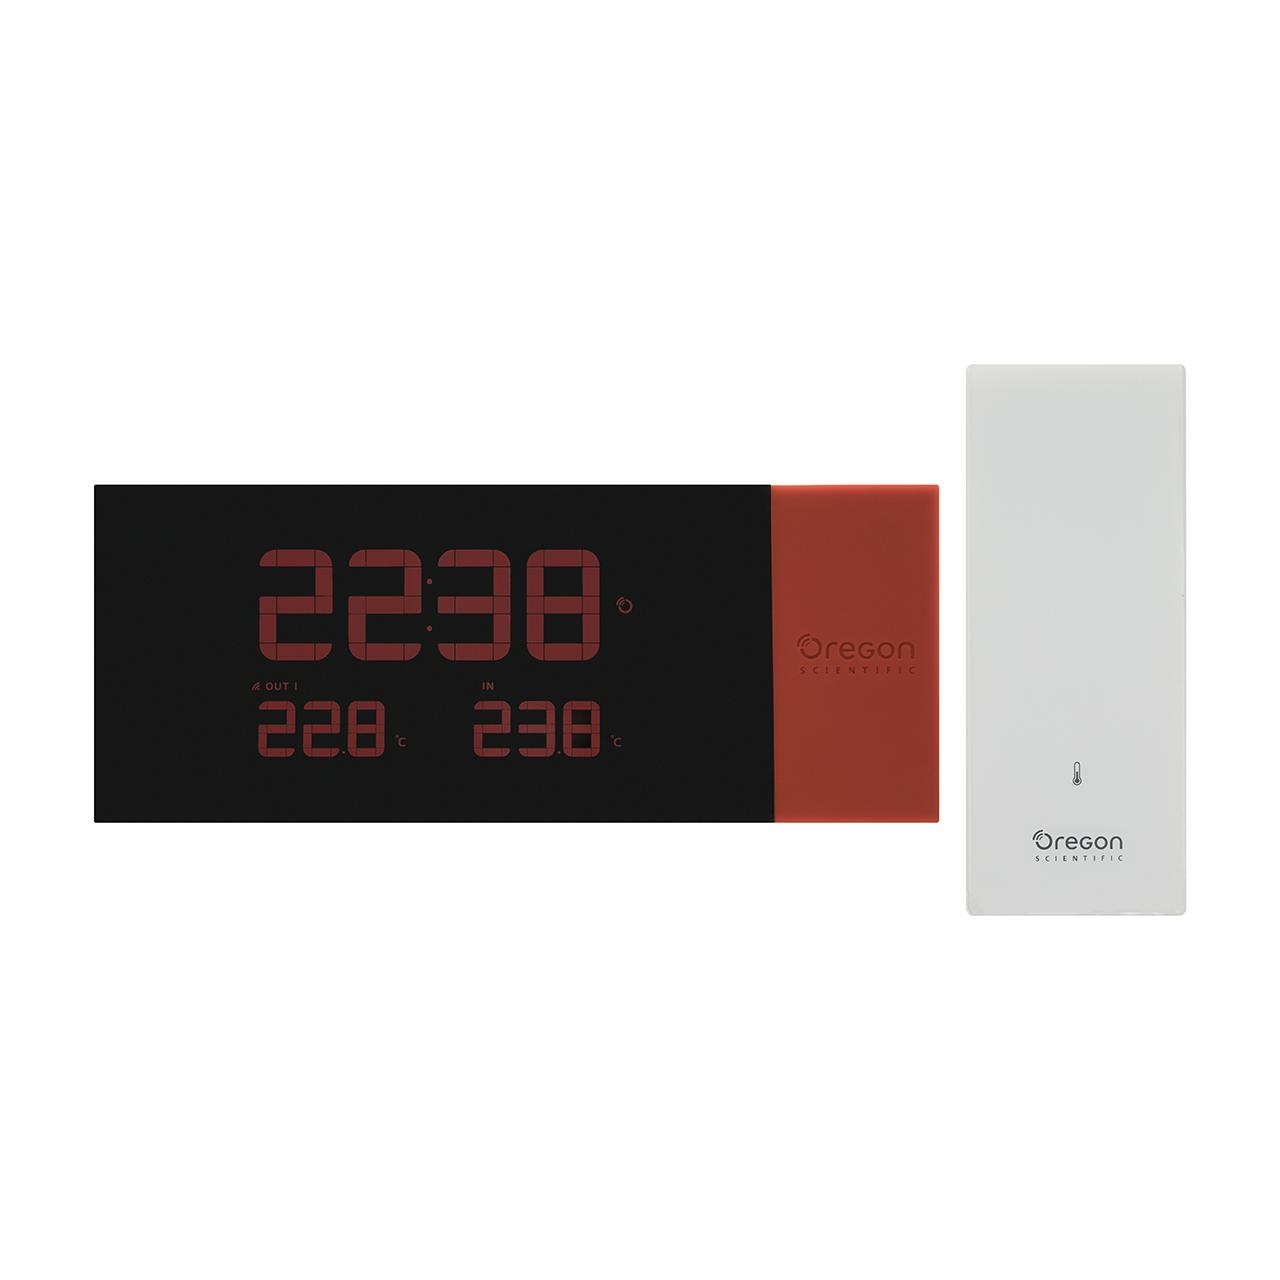 ساعت رومیزی اورگون ساینتیفیک مدل BAR223P